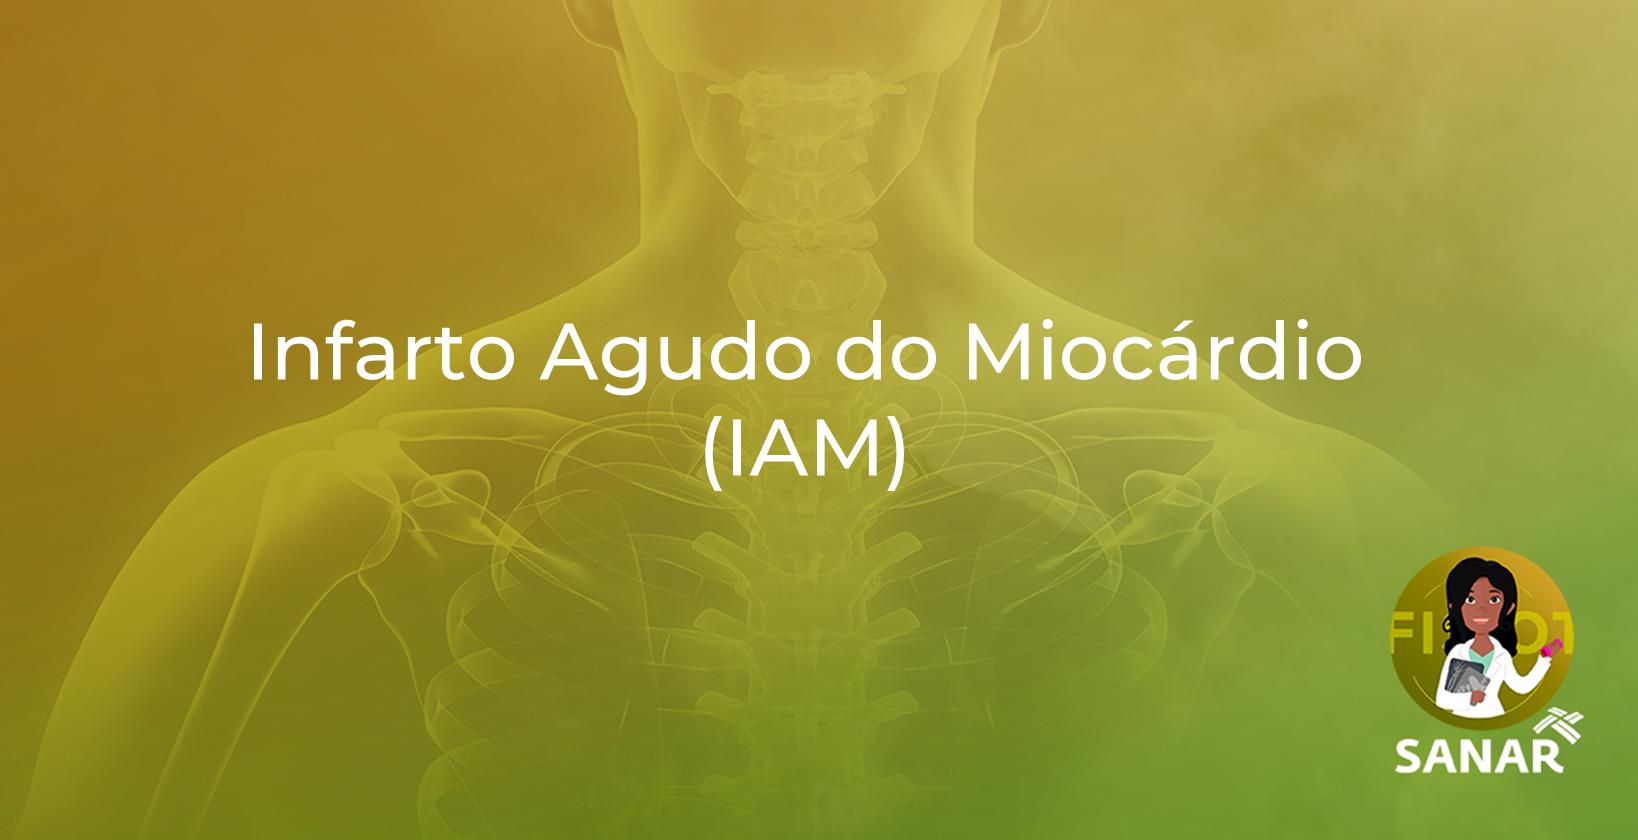 Infarto Agudo do Miocárdio (IAM) | Tudo que você precisa saber